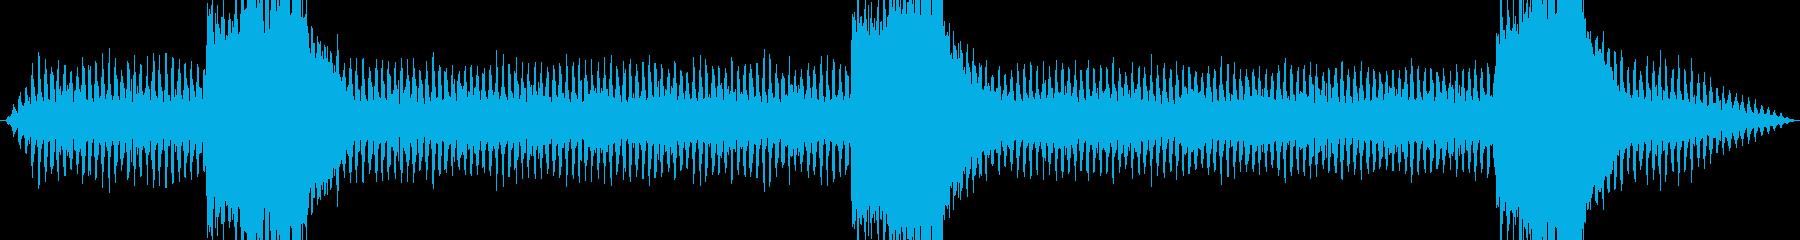 鉄道サウンド 蒸気機関車 走行音 汽笛の再生済みの波形